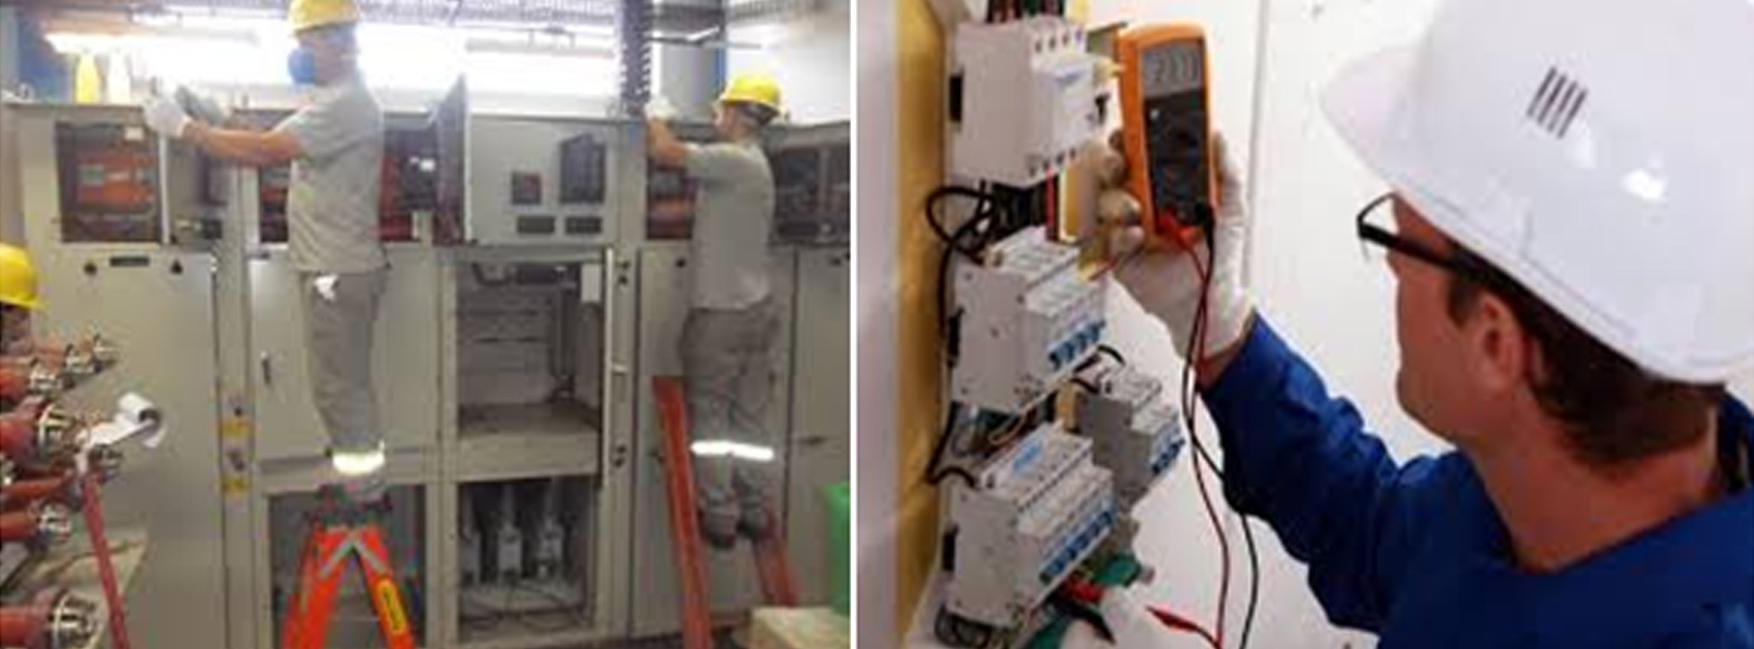 6f5fa3a922f20 Instrumentos de manutenção são na PerCon